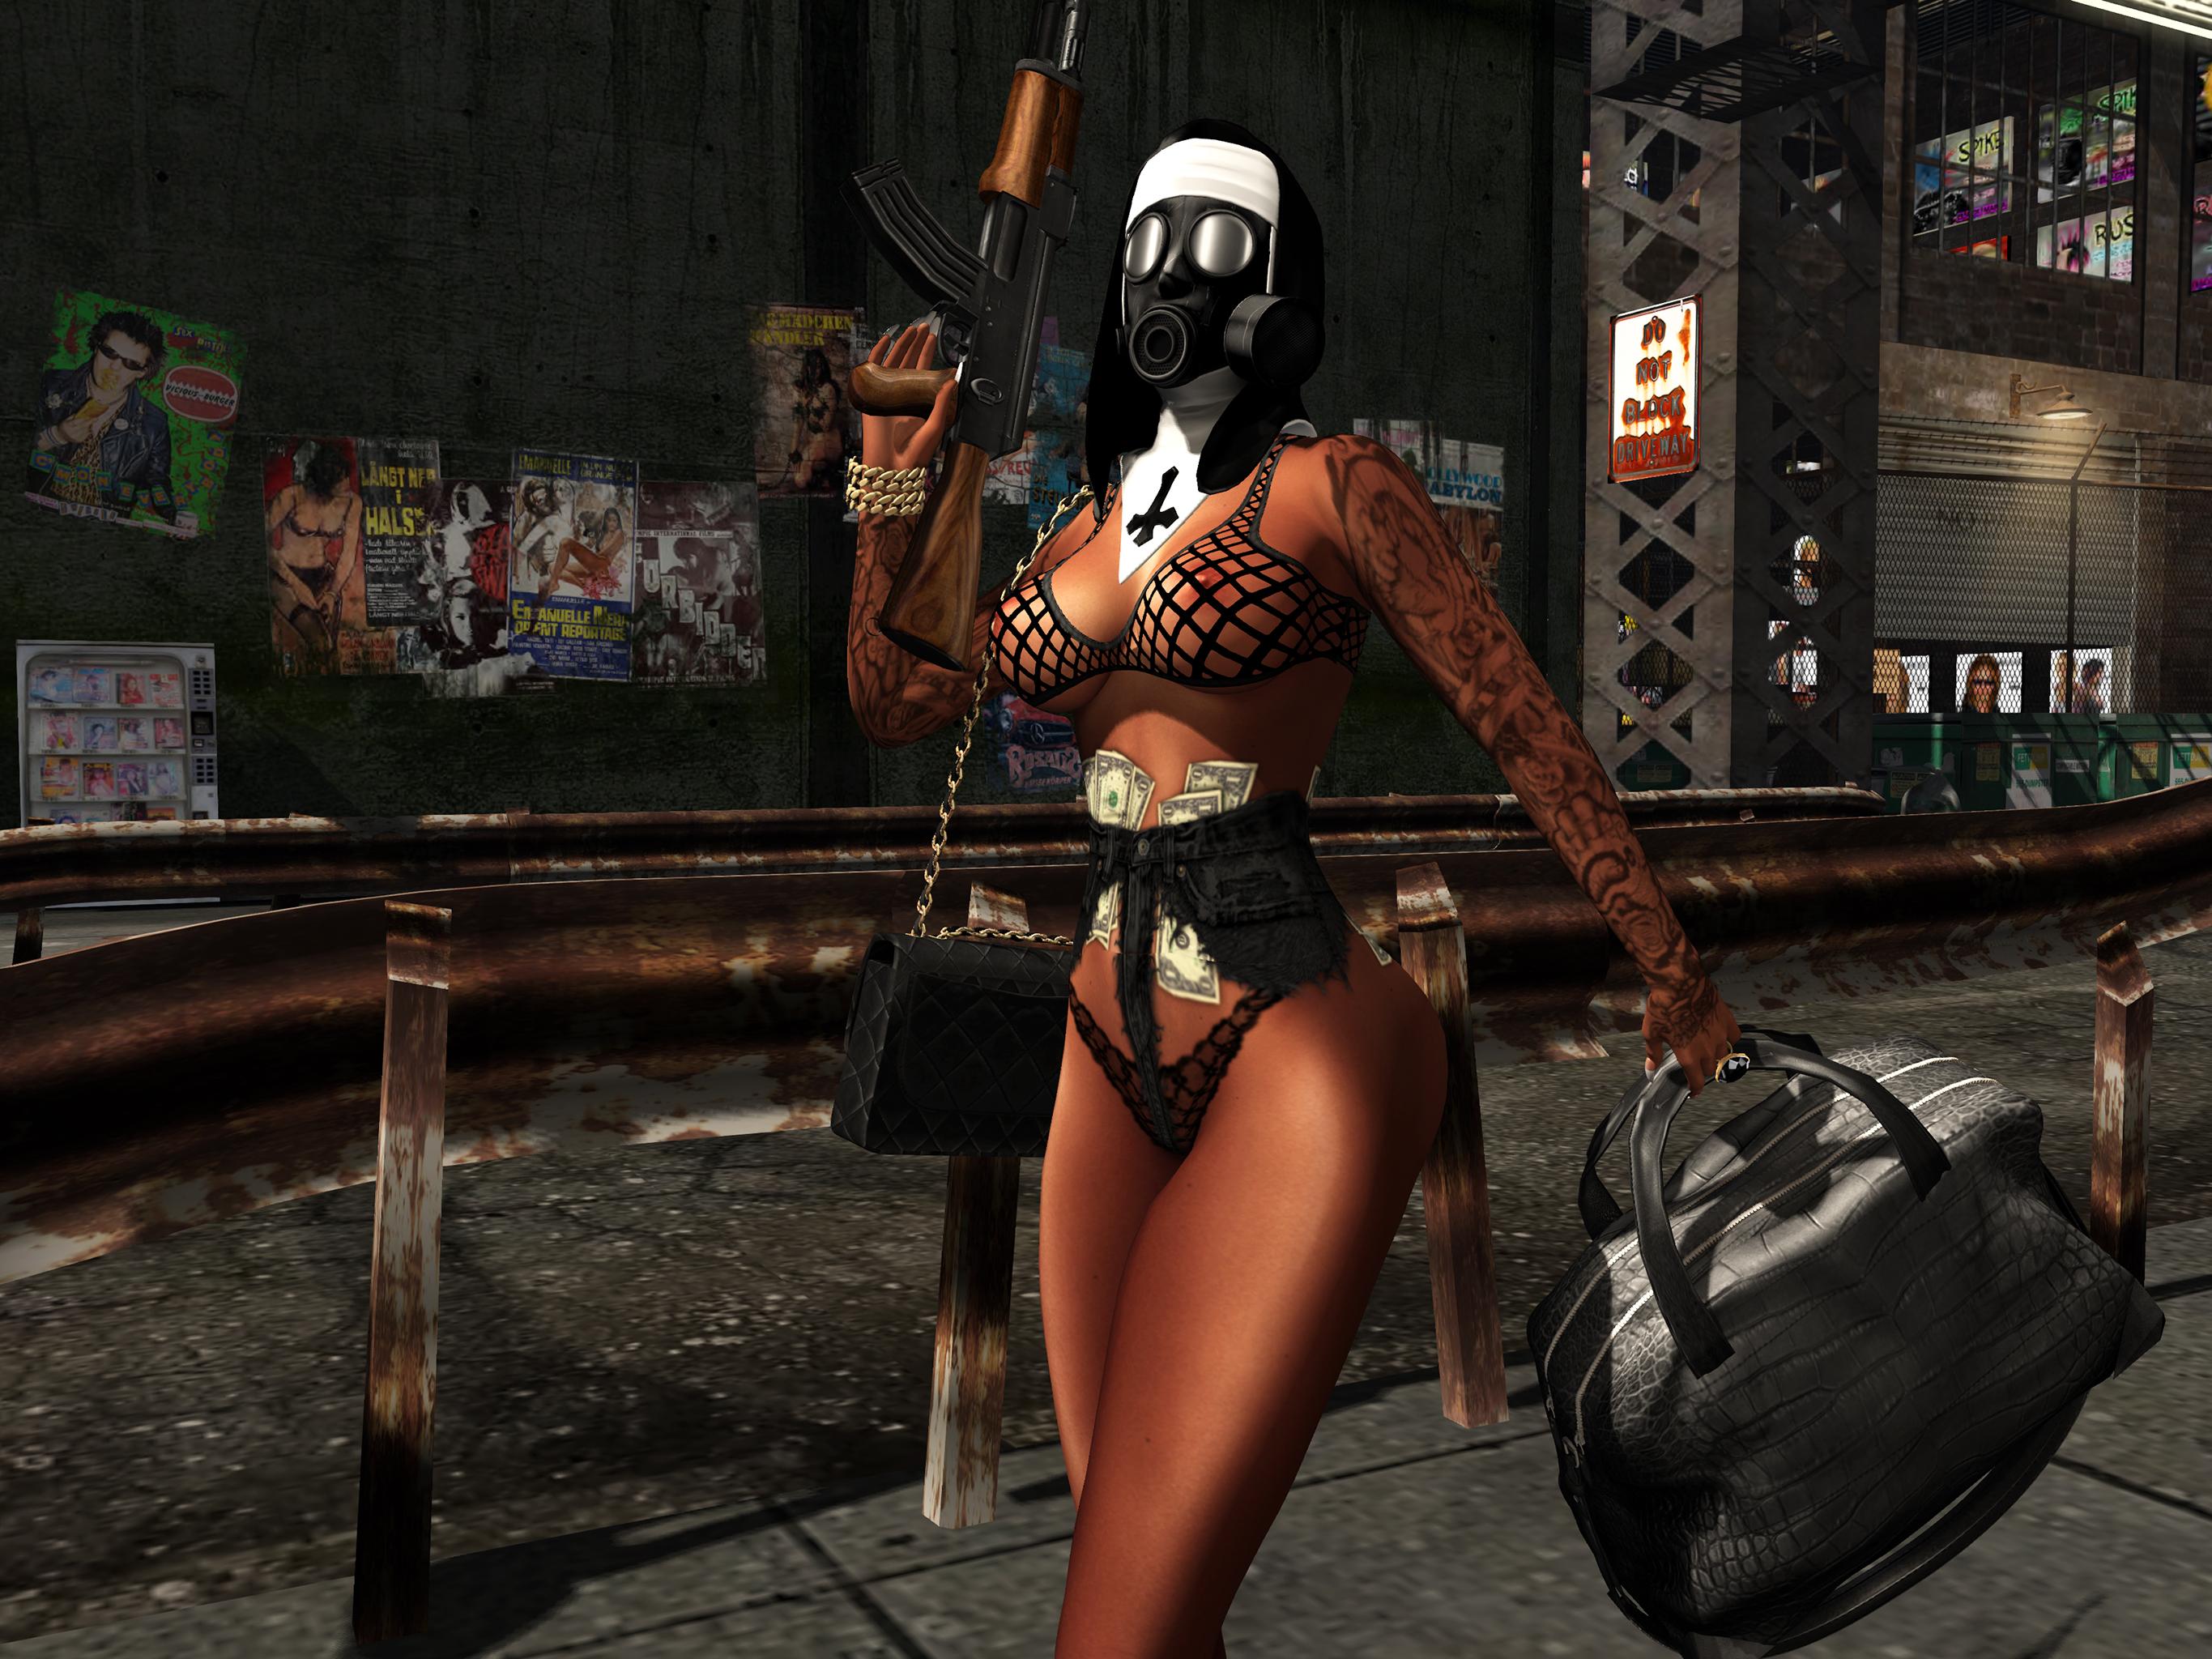 Bandit nun